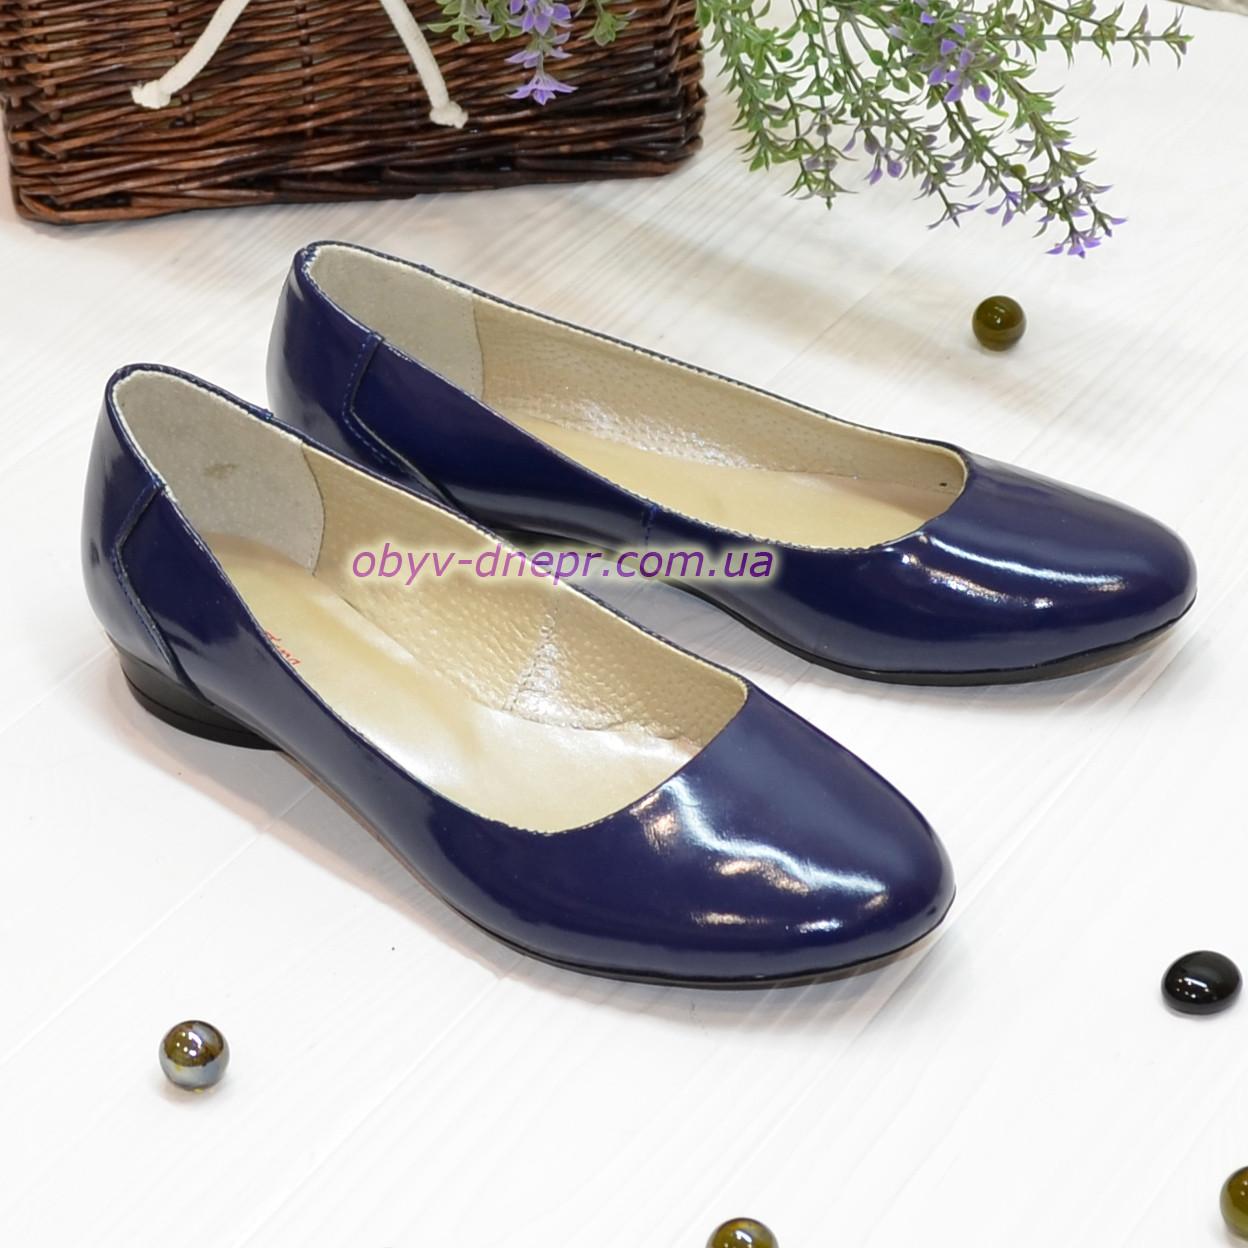 Женские лаковые туфли на низком ходу, декорированы фурнитурой.